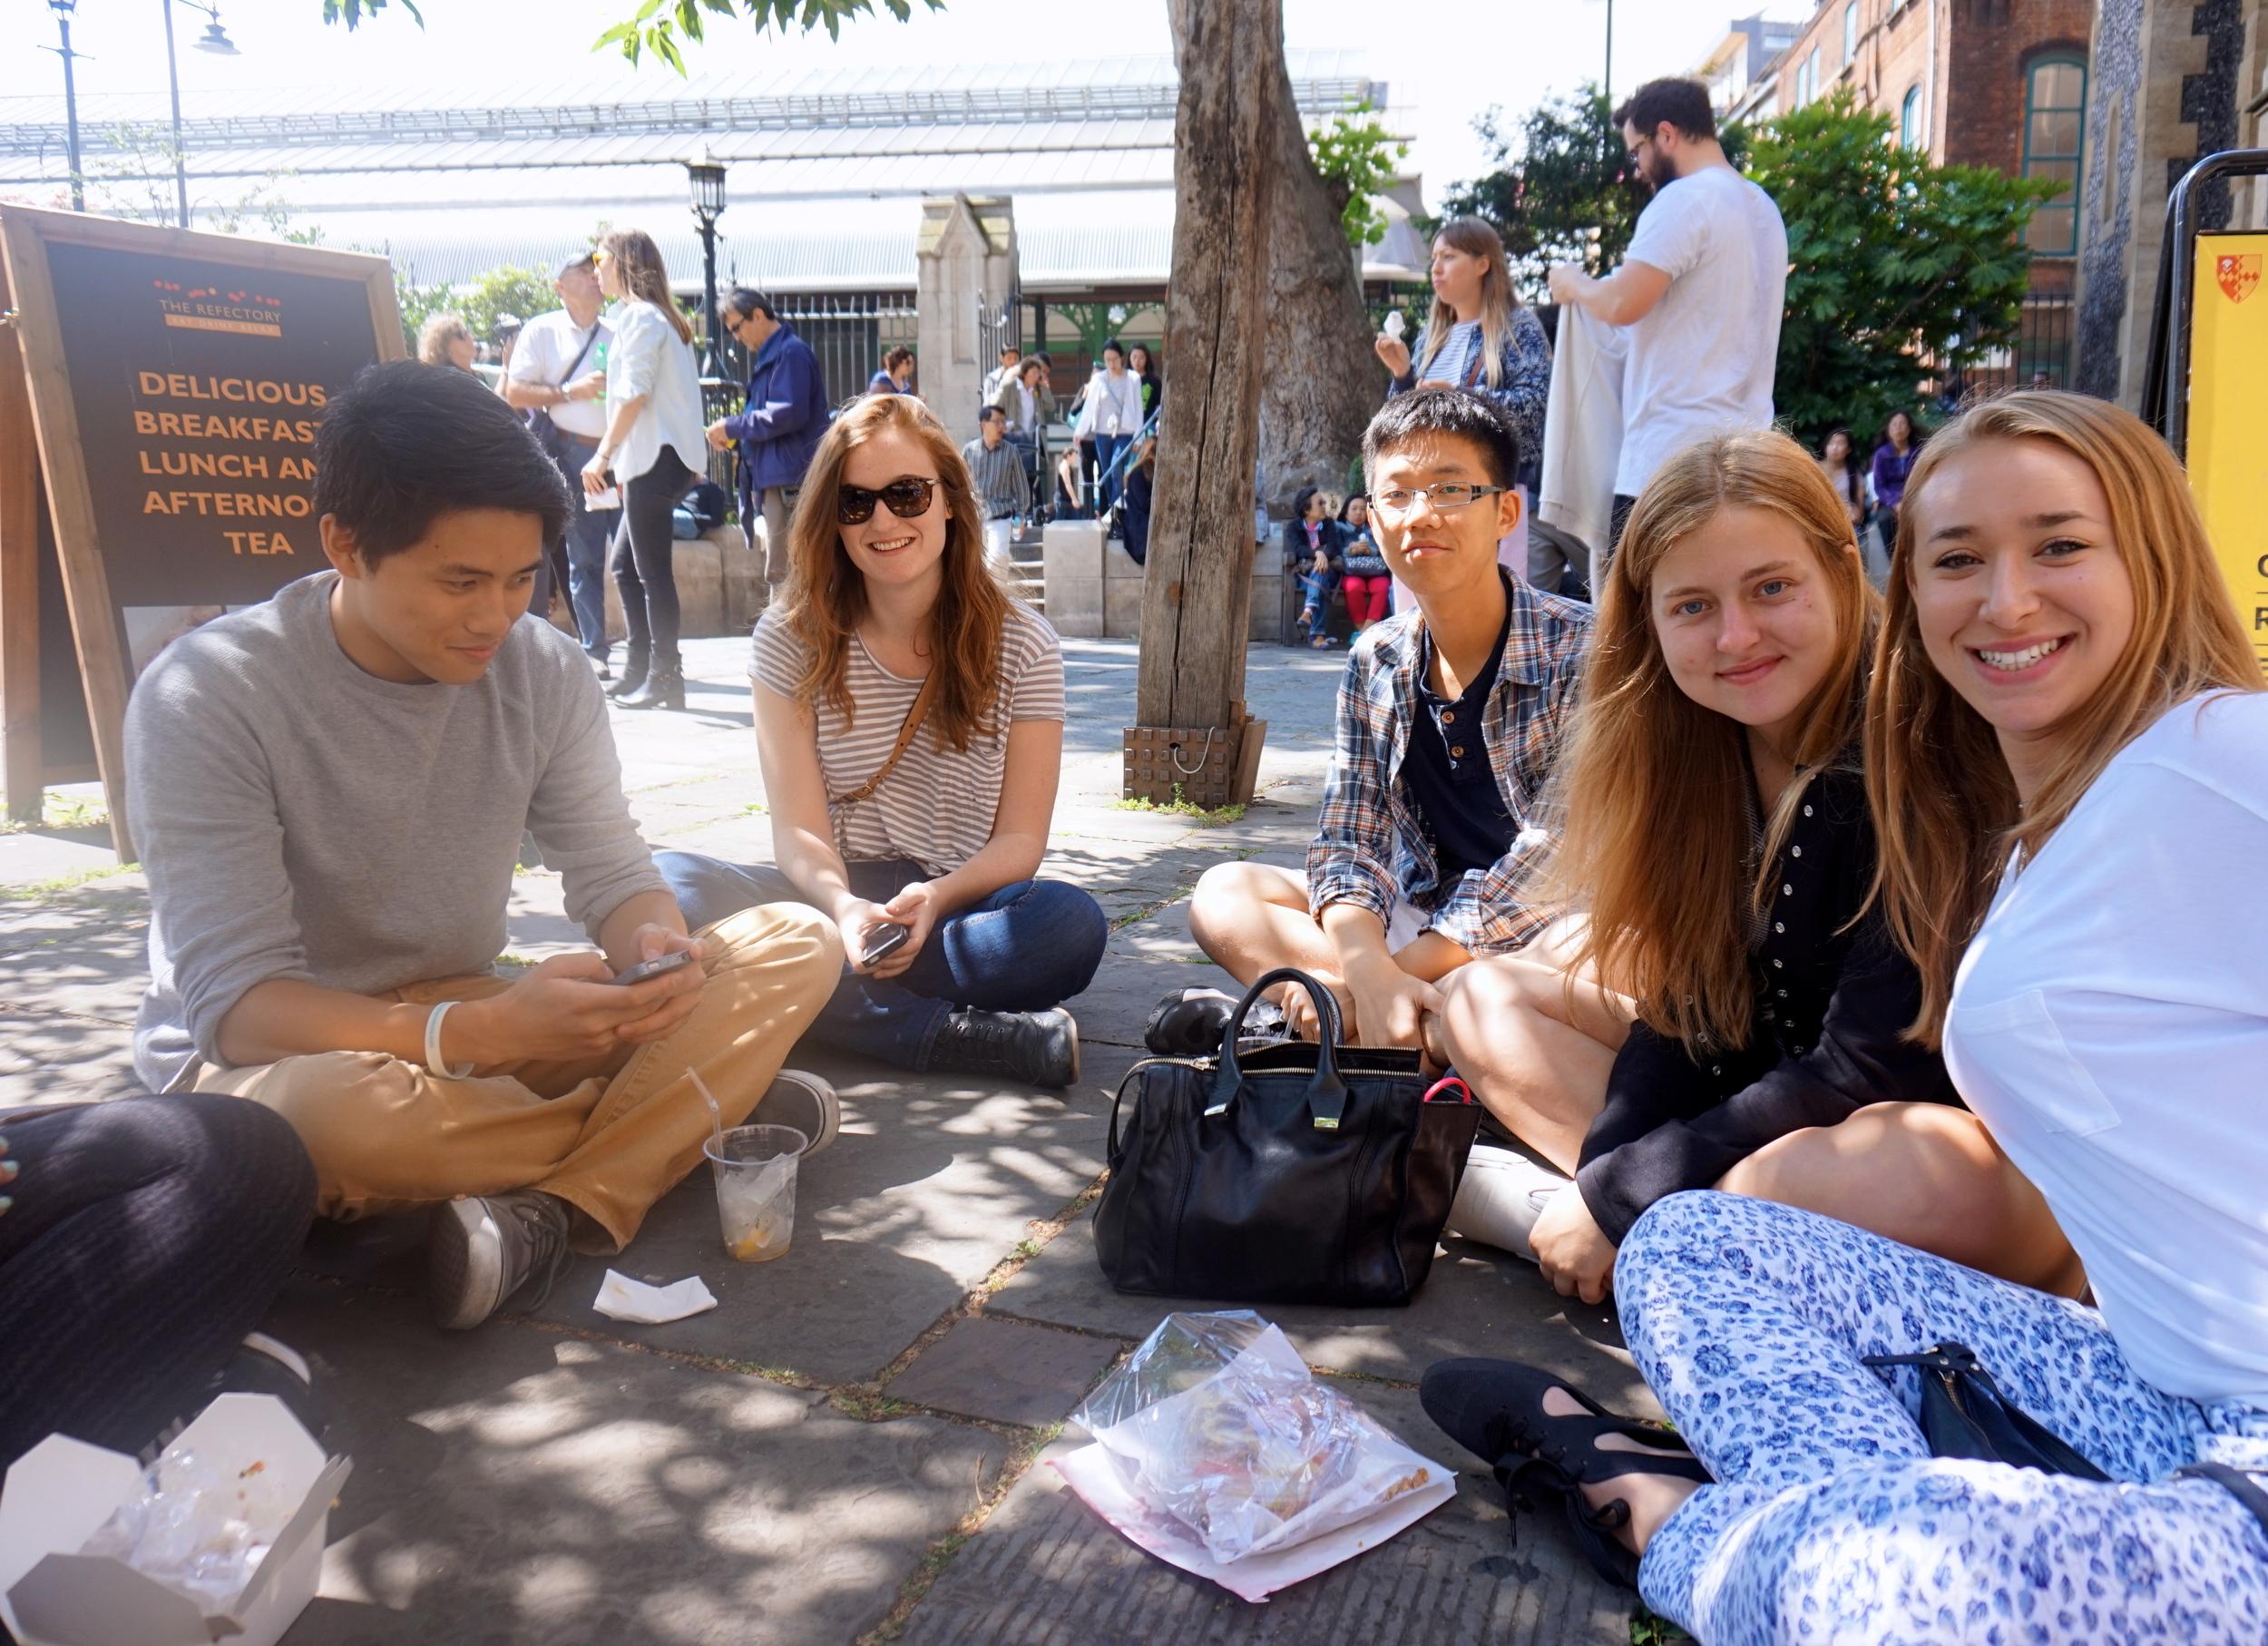 The gang lunching in the church courtyard.